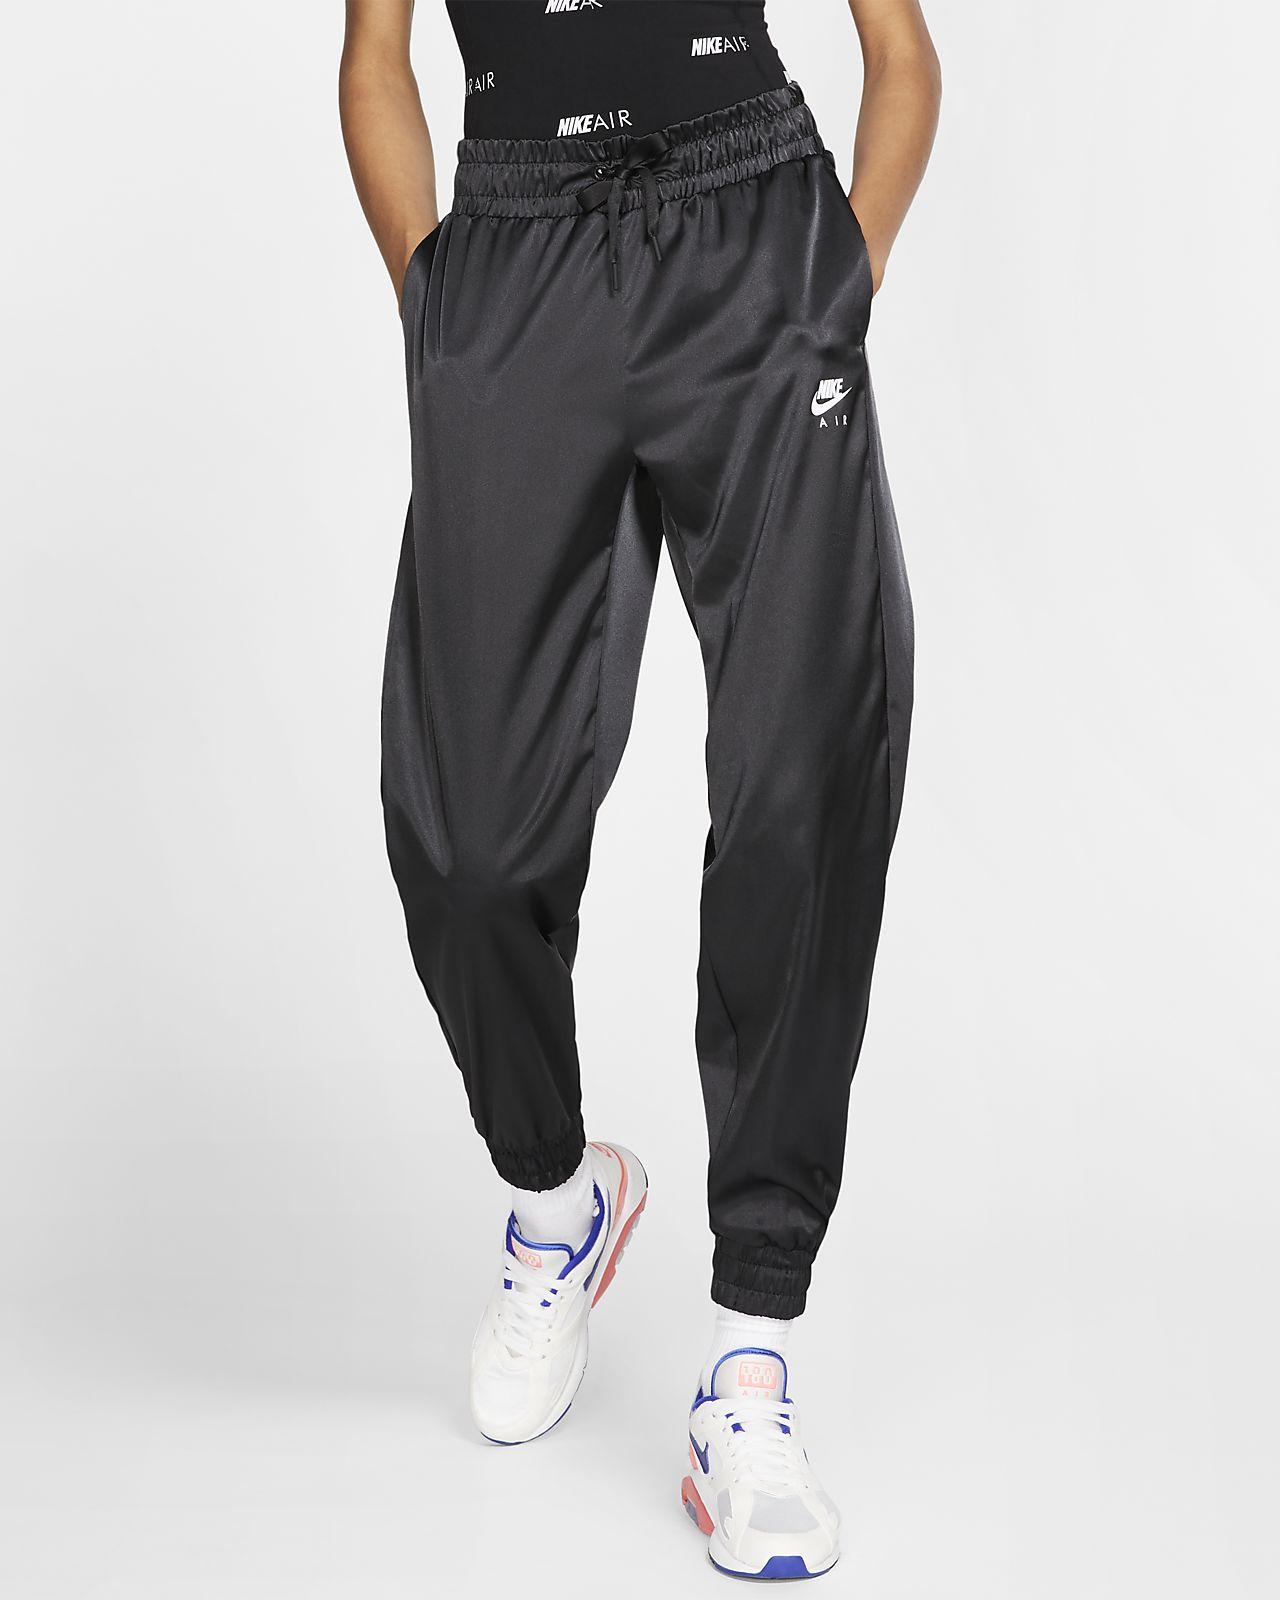 Женские брюки из атласного материала Nike Air